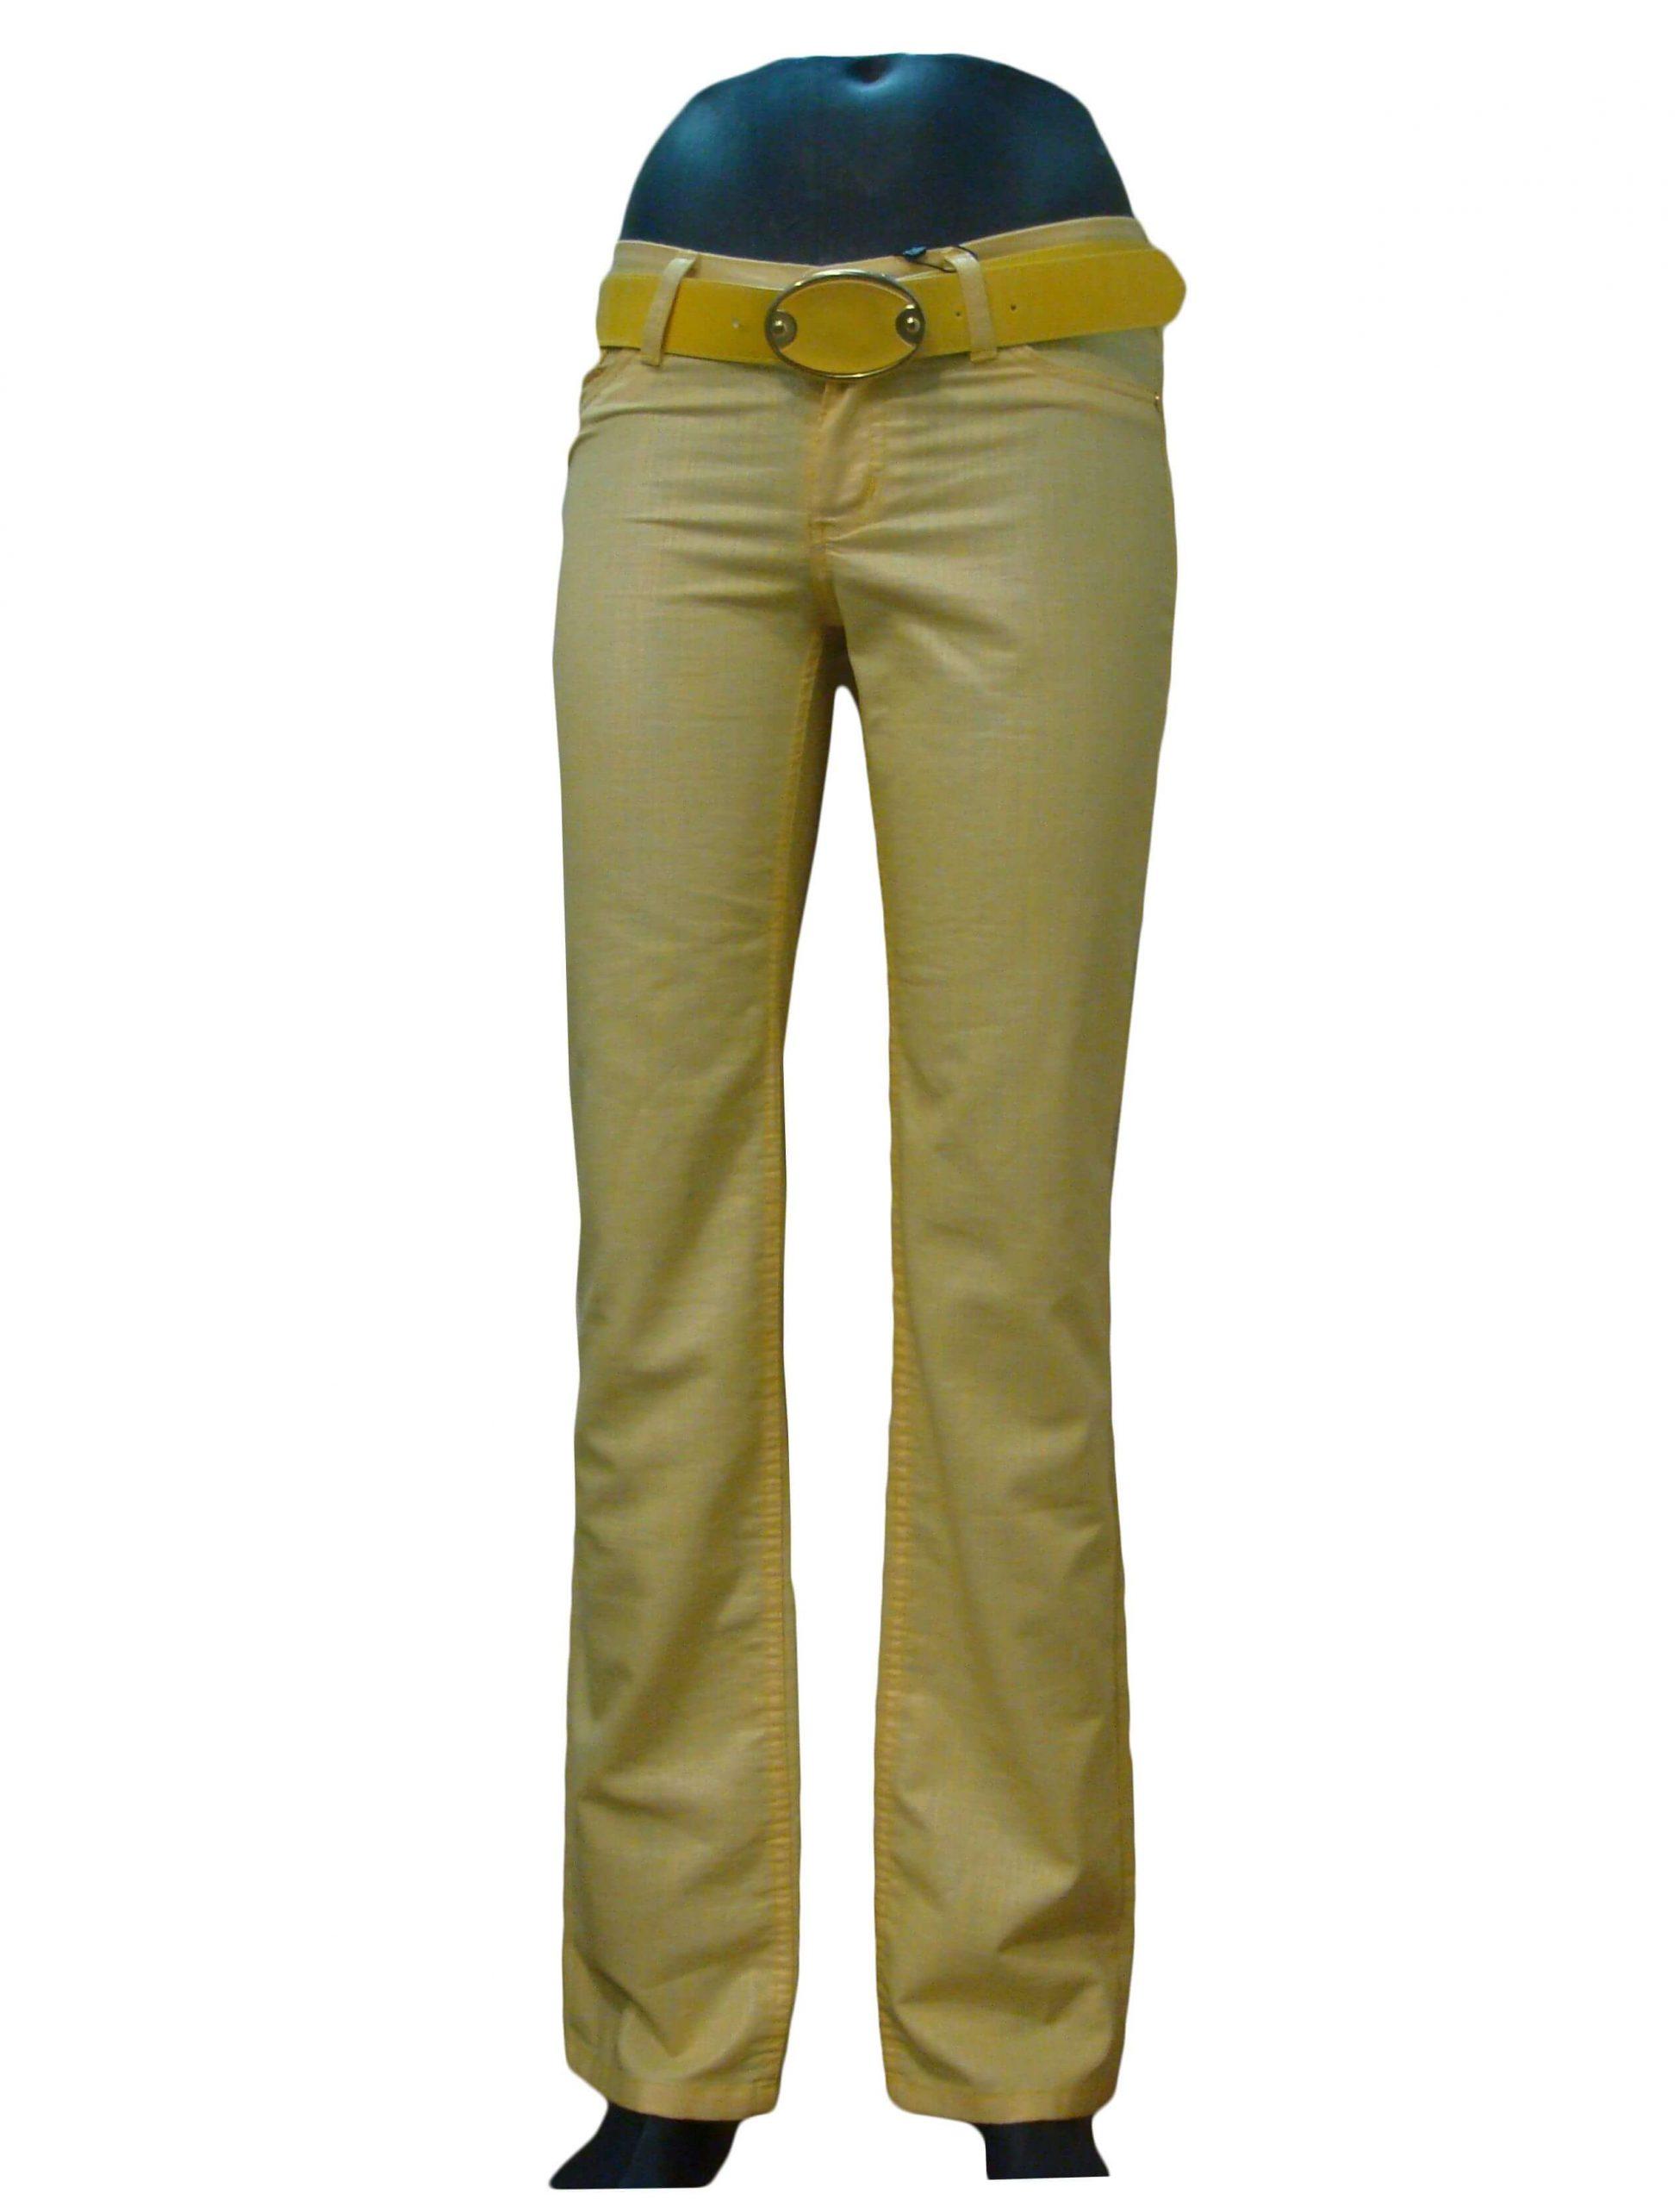 Брюки женские желтые, прямые, с вышивкой на заднем кармане